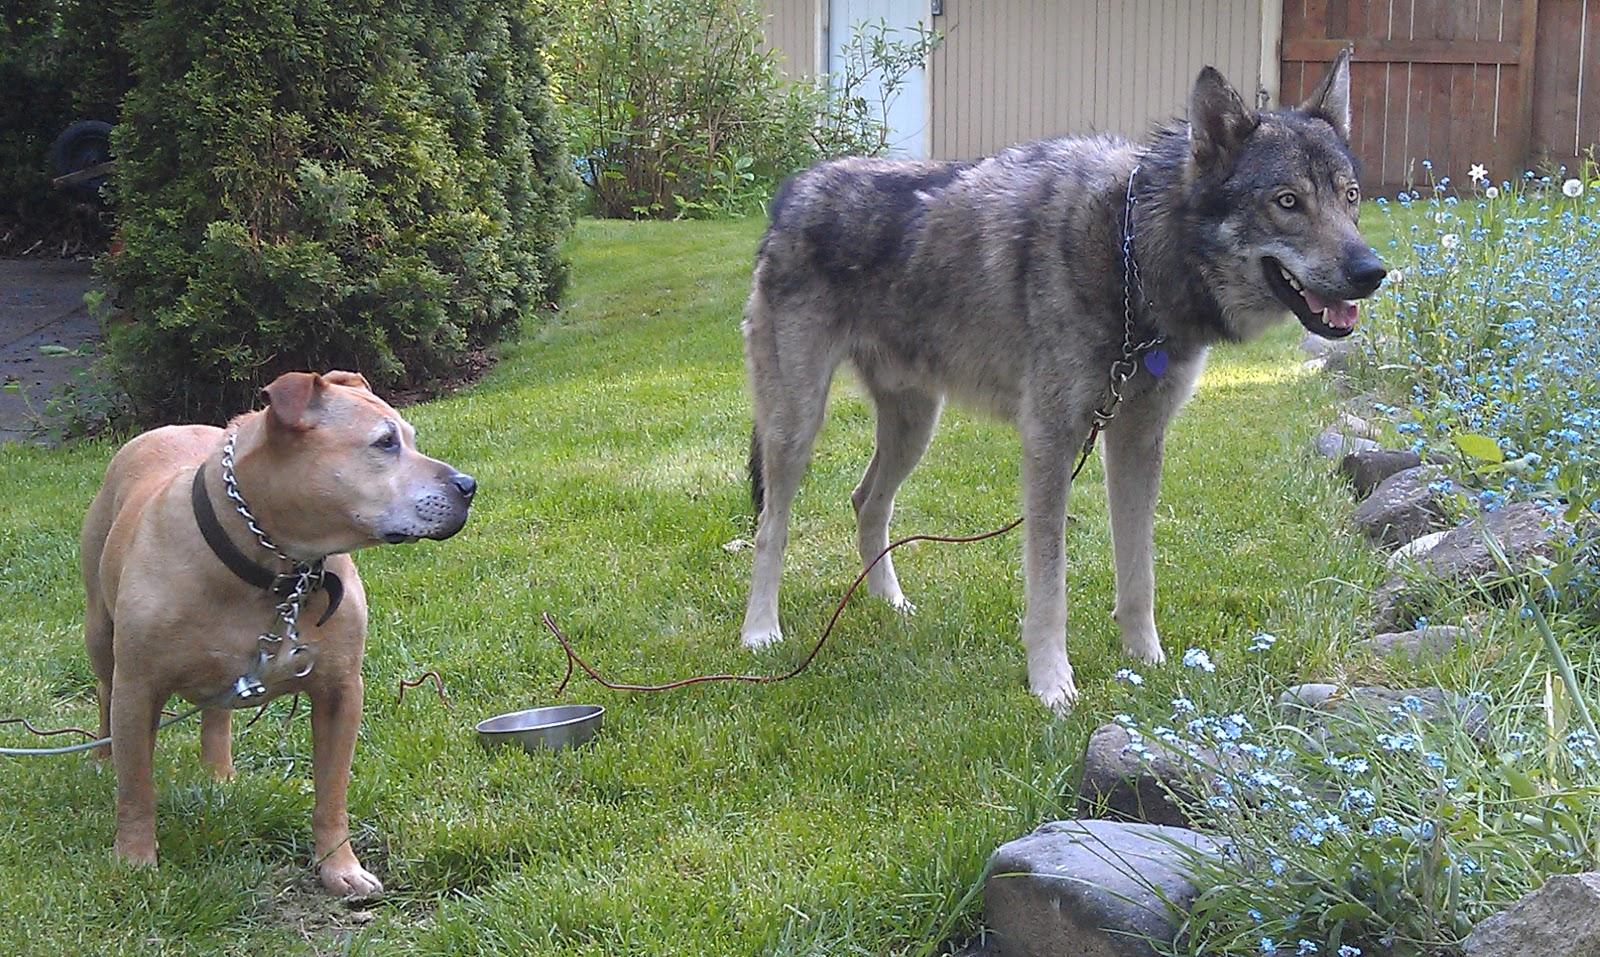 Timber wolf pitbull mix